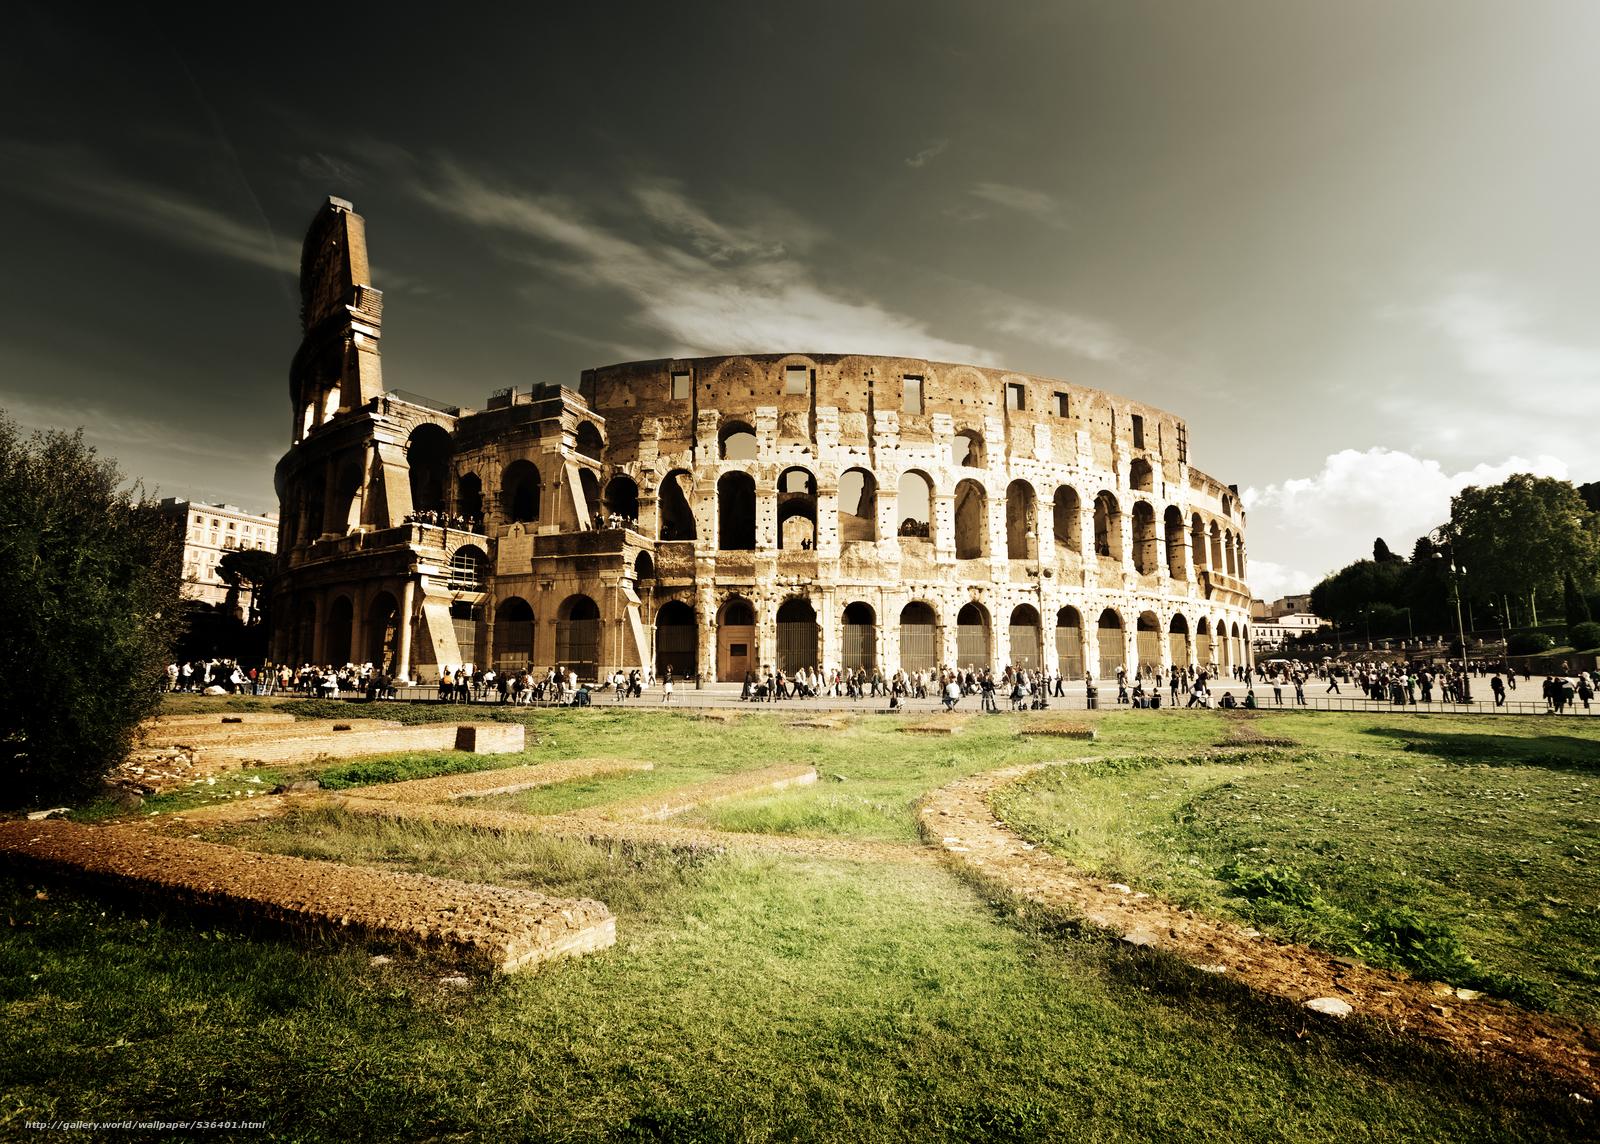 tlcharger fond decran rome - photo #18